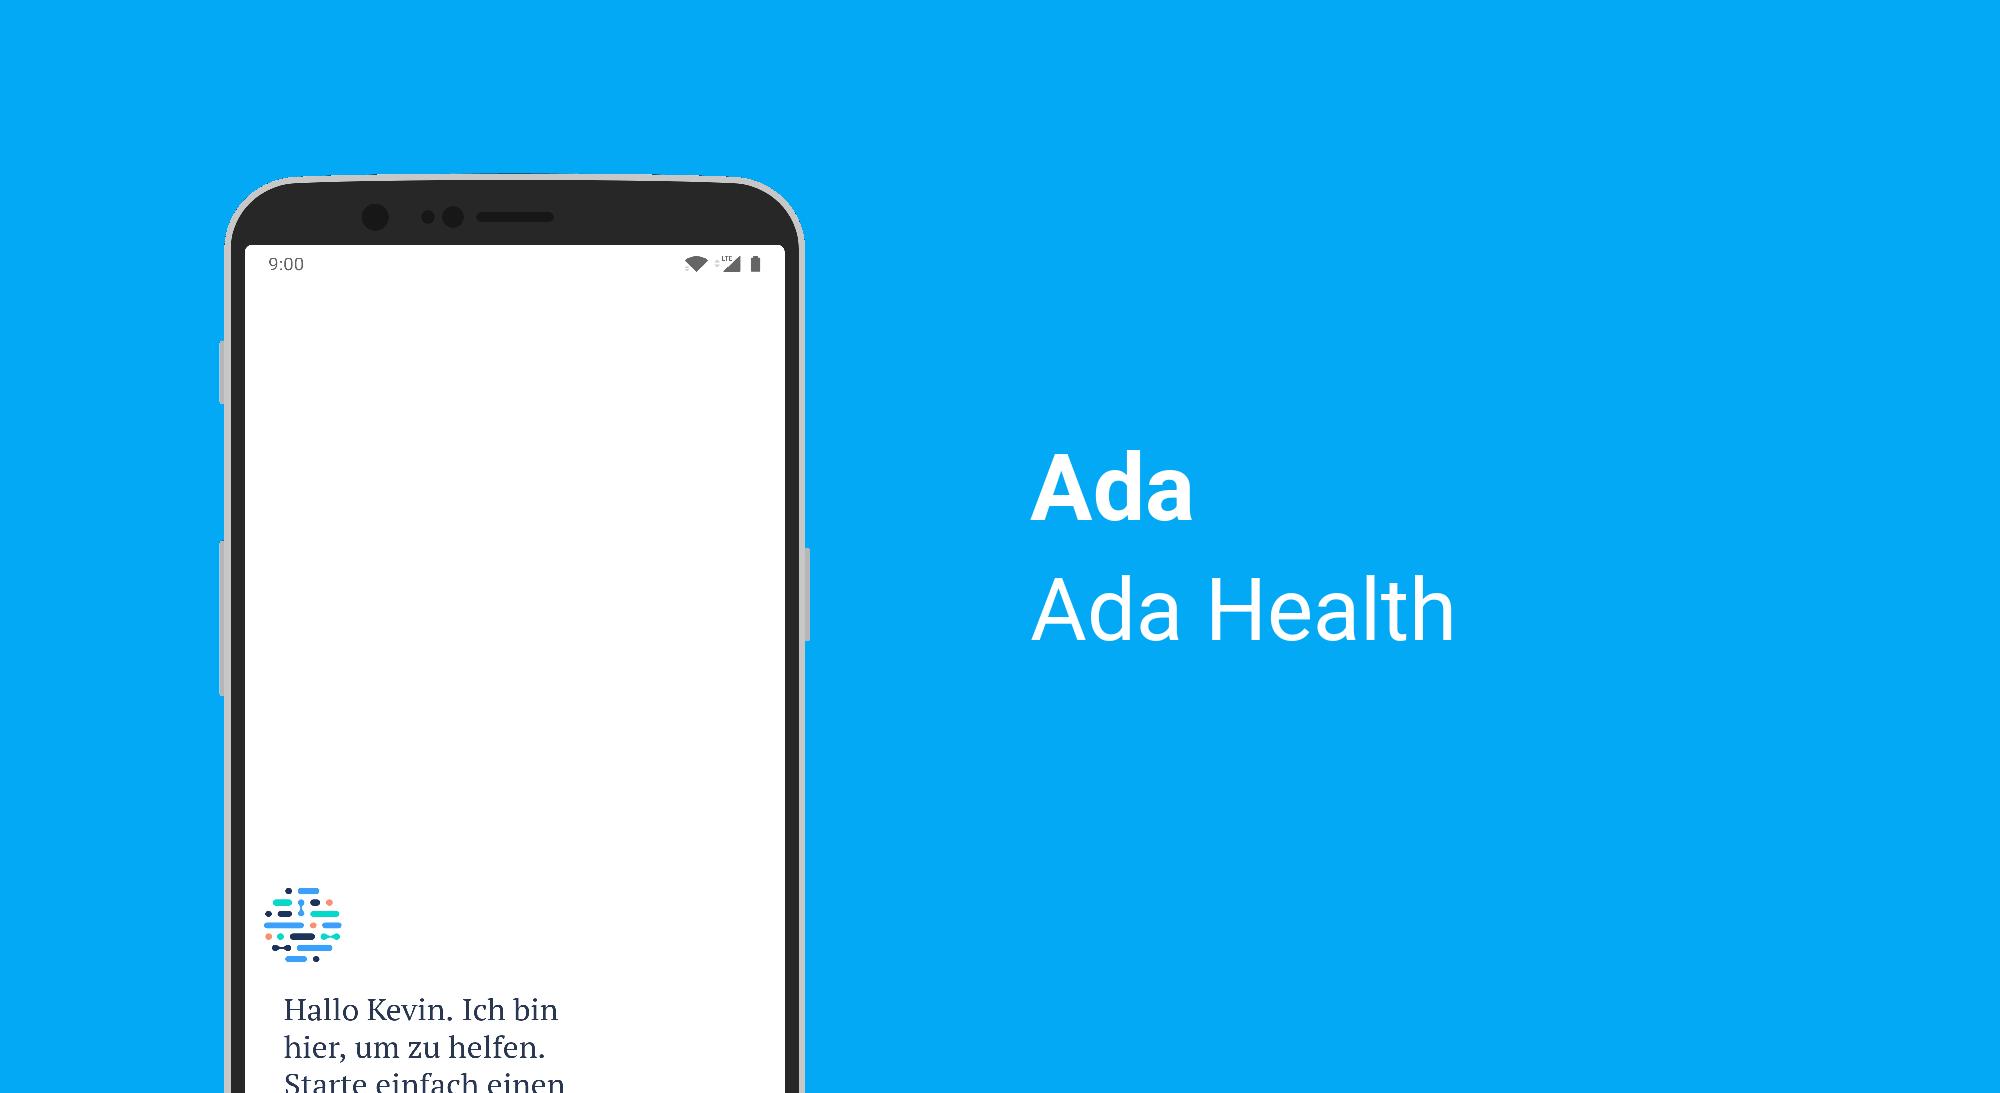 Ada Health launches first AI health guidance app in Swahili